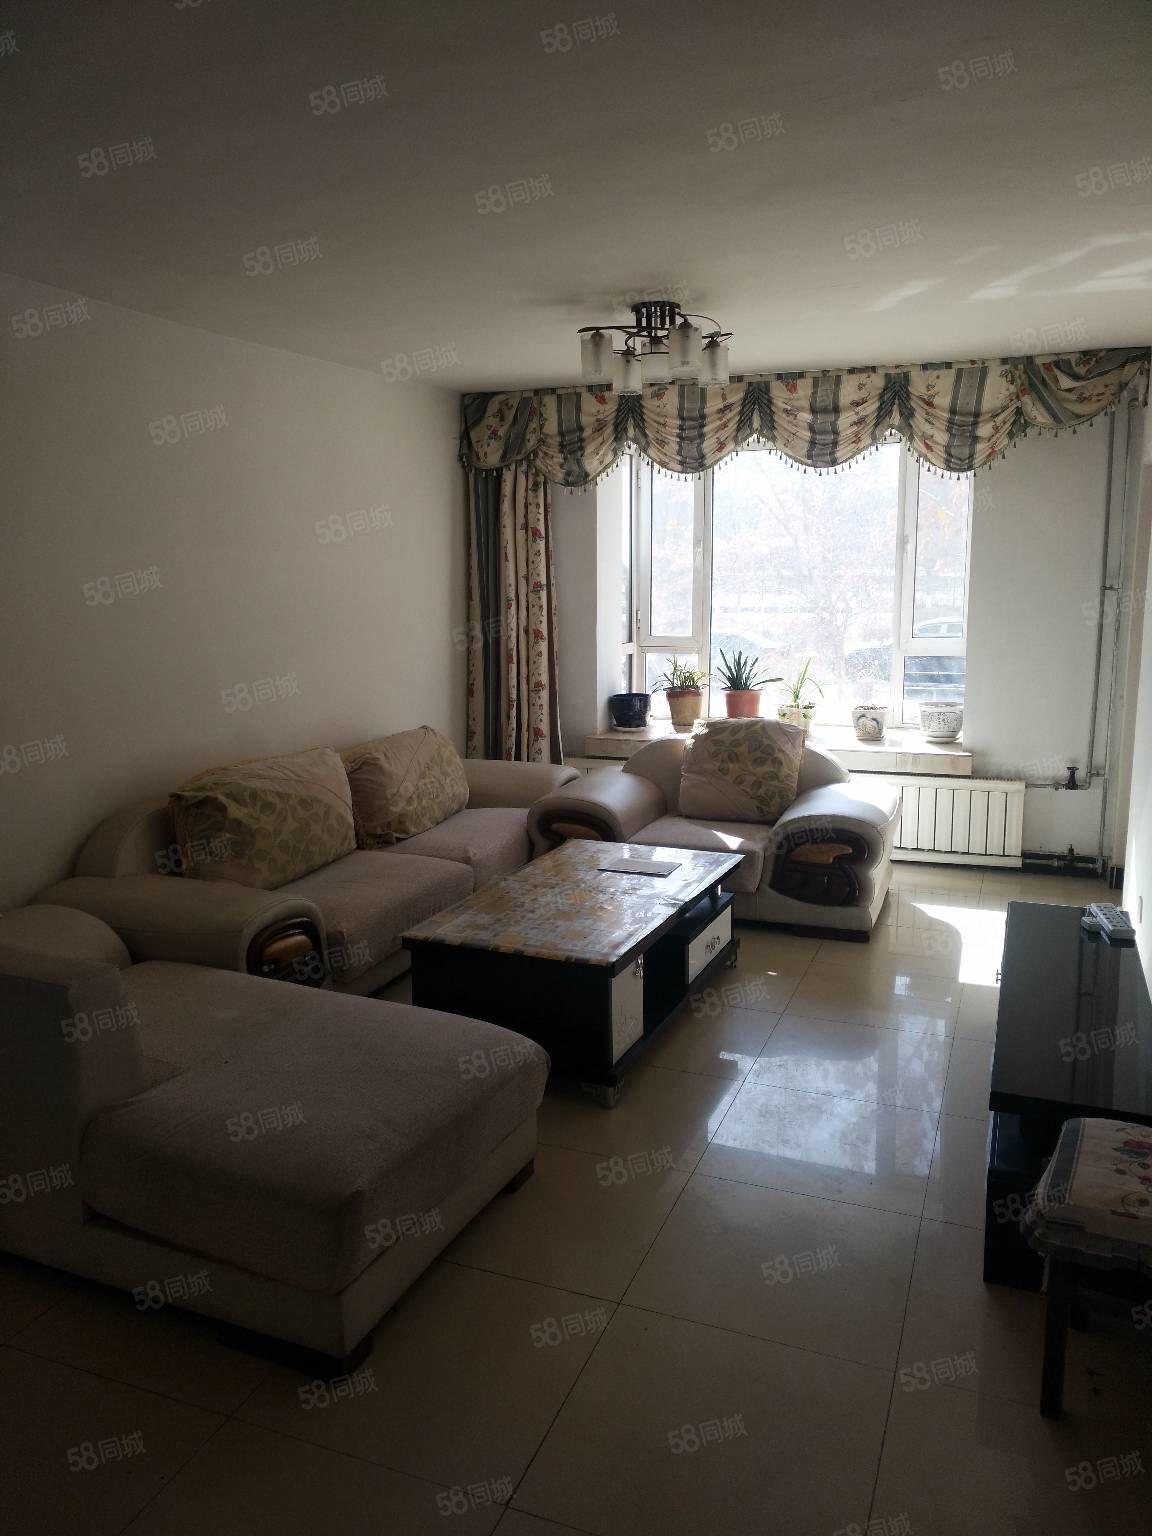 油田紫荊園1樓2室1廳帶家具熱水器抽煙機天然氣等